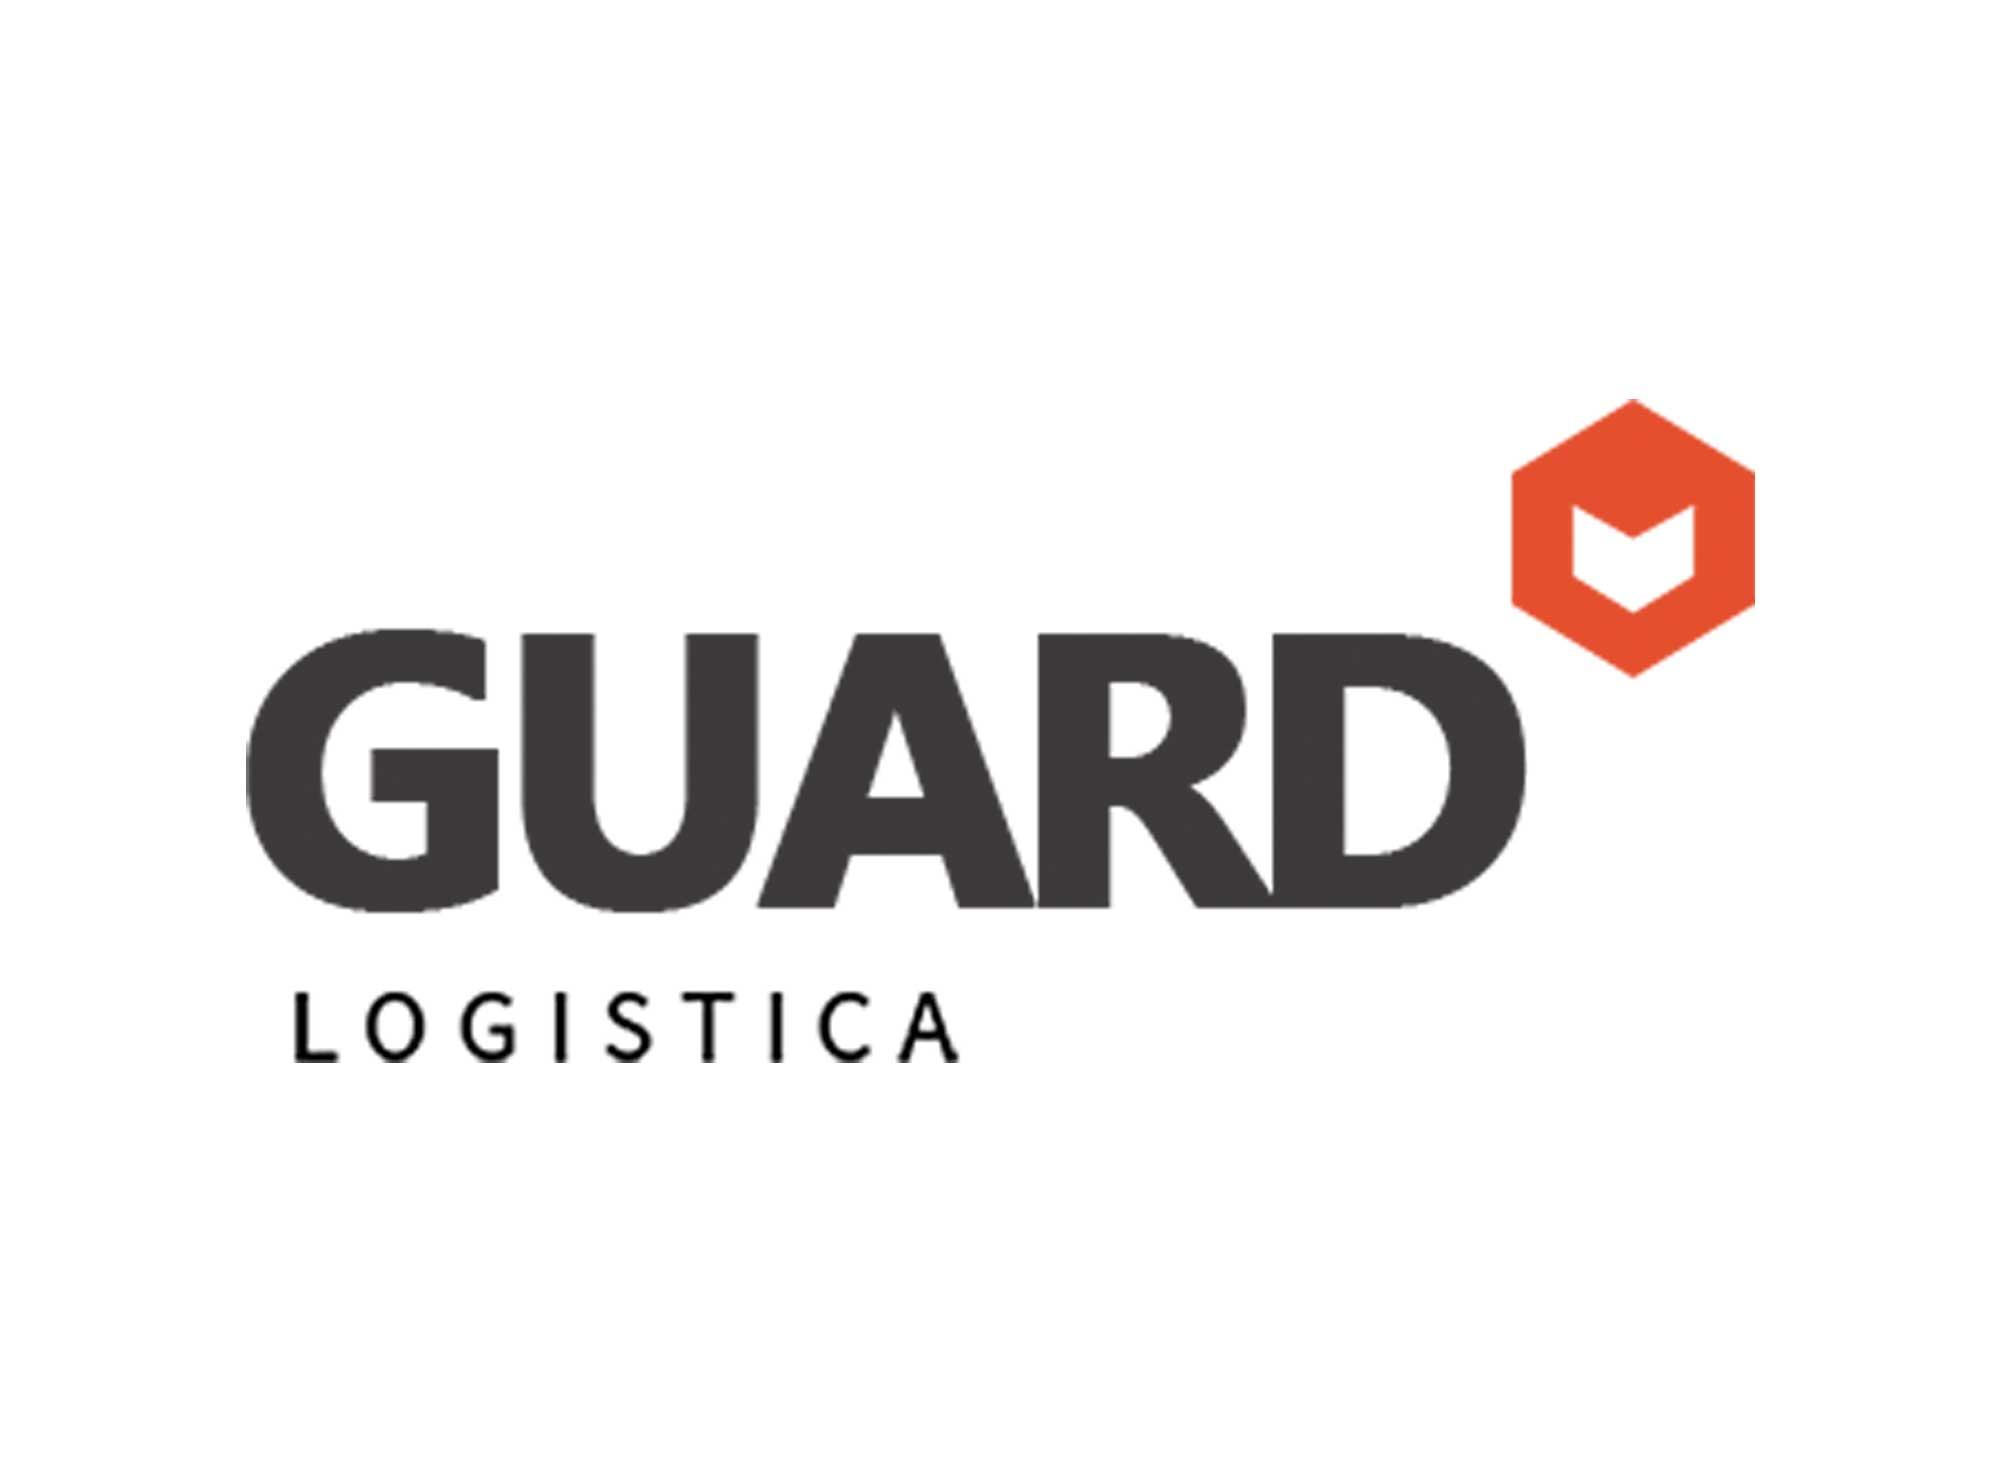 guard-logistica-armazem-geral-cliente-agencia-diretriz-digital-marketing-fortaleza